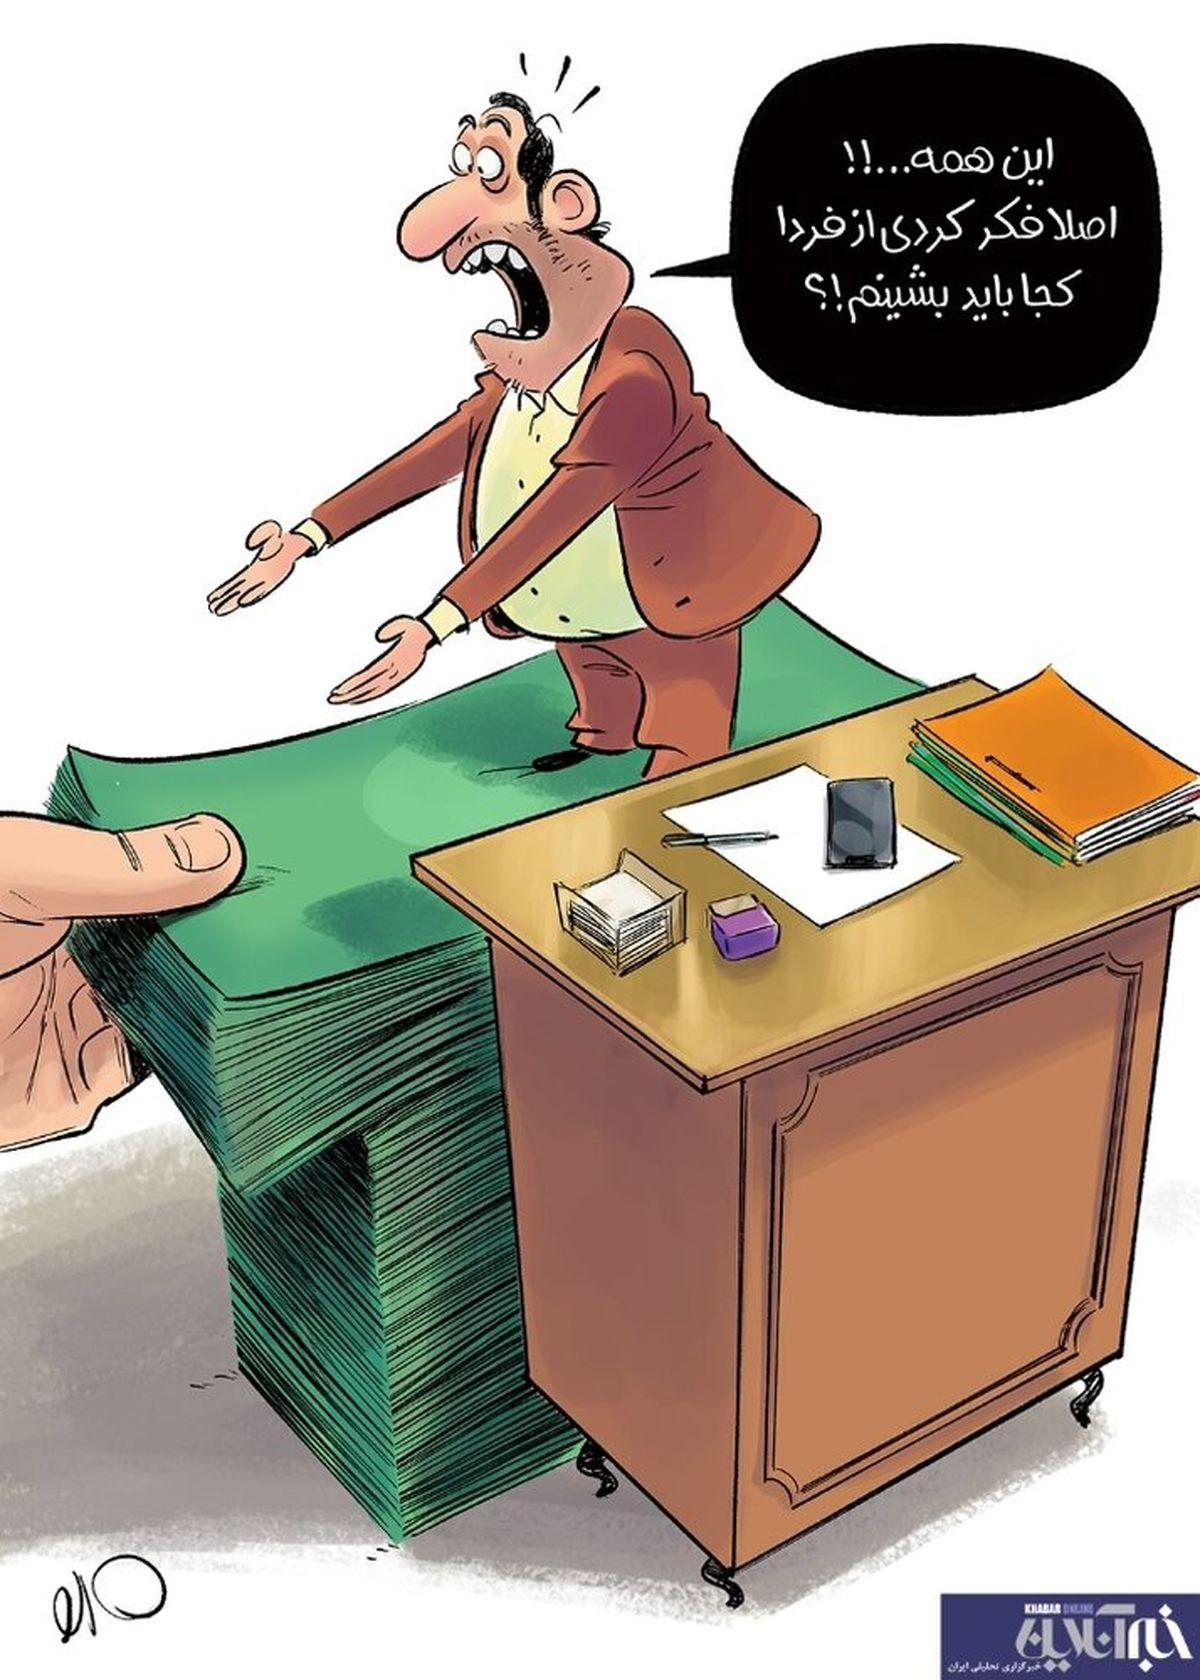 با این همه پول چکار کنیم؟ +کاریکاتور